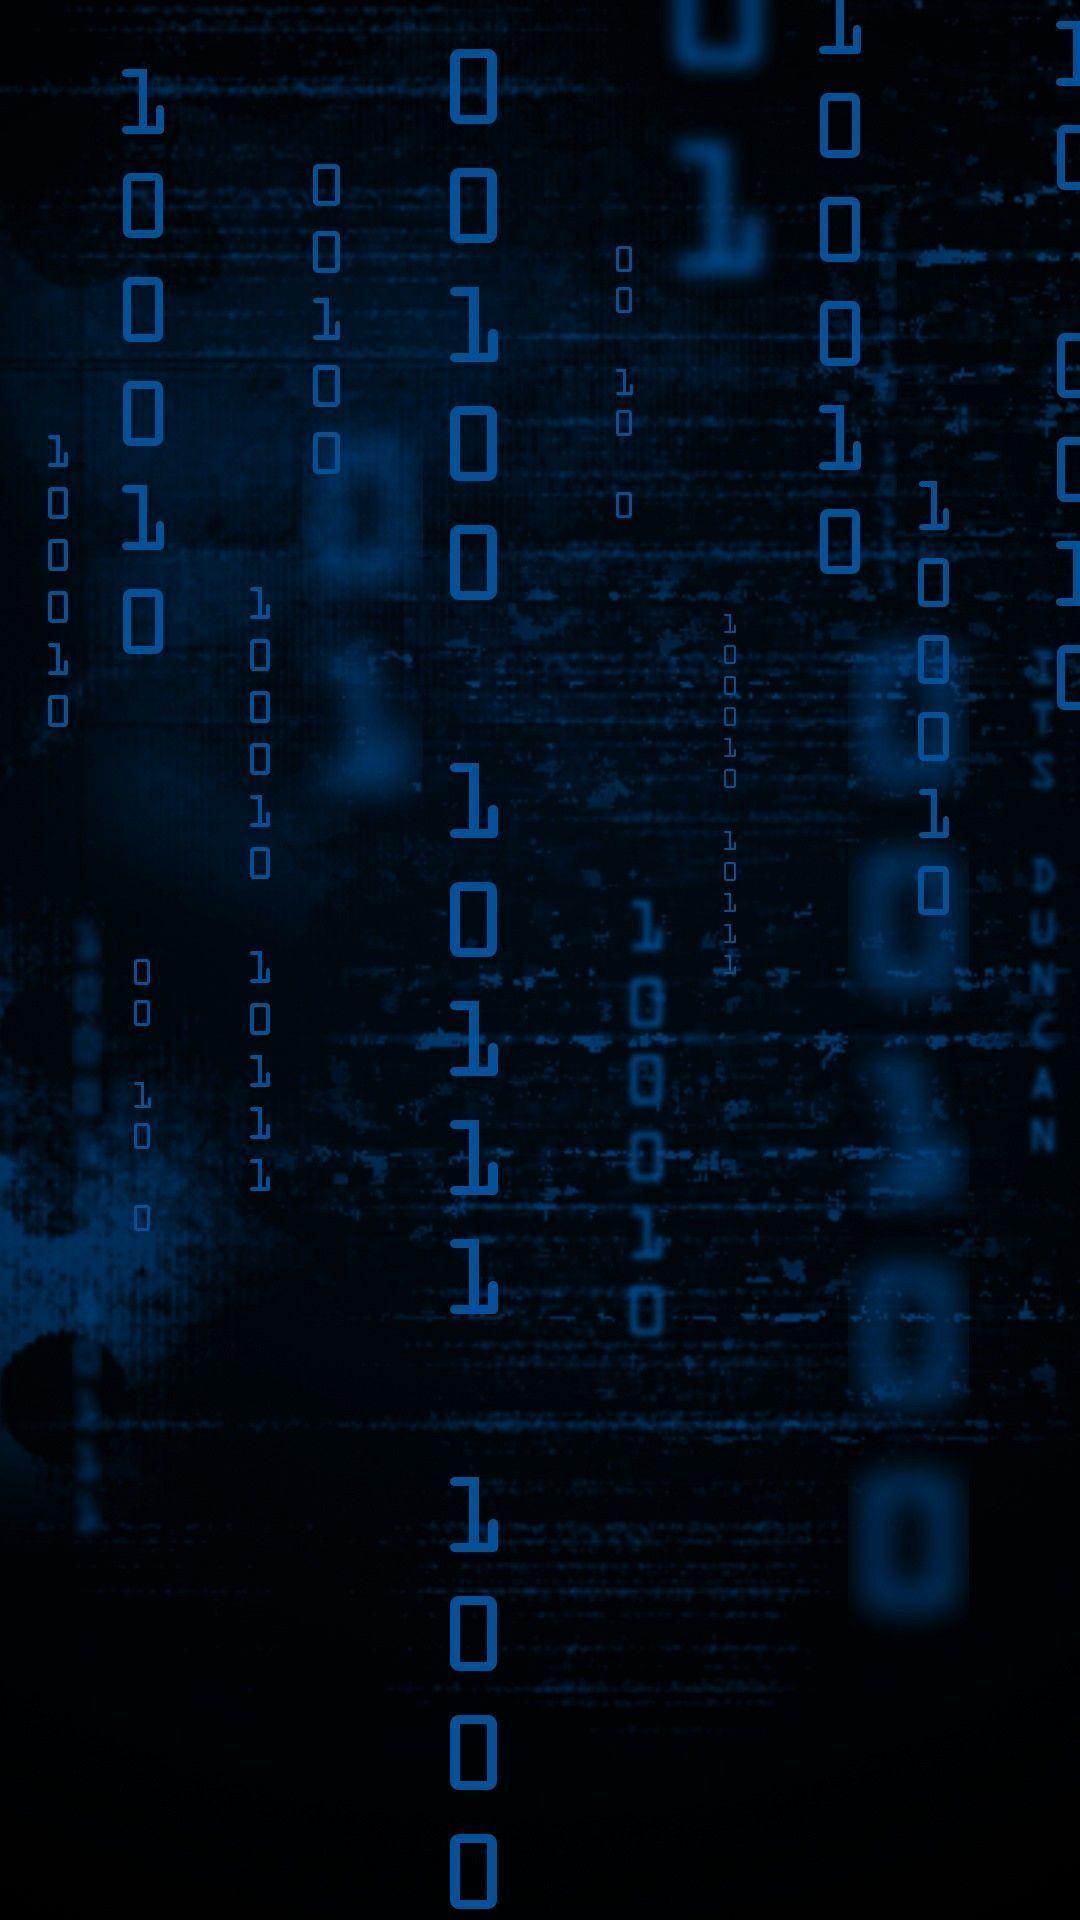 サイバーパンク ブルー Iphone11 スマホ壁紙 待受画像ギャラリー テクノロジー 壁紙 テクスチャデザイン コンピュータの壁紙